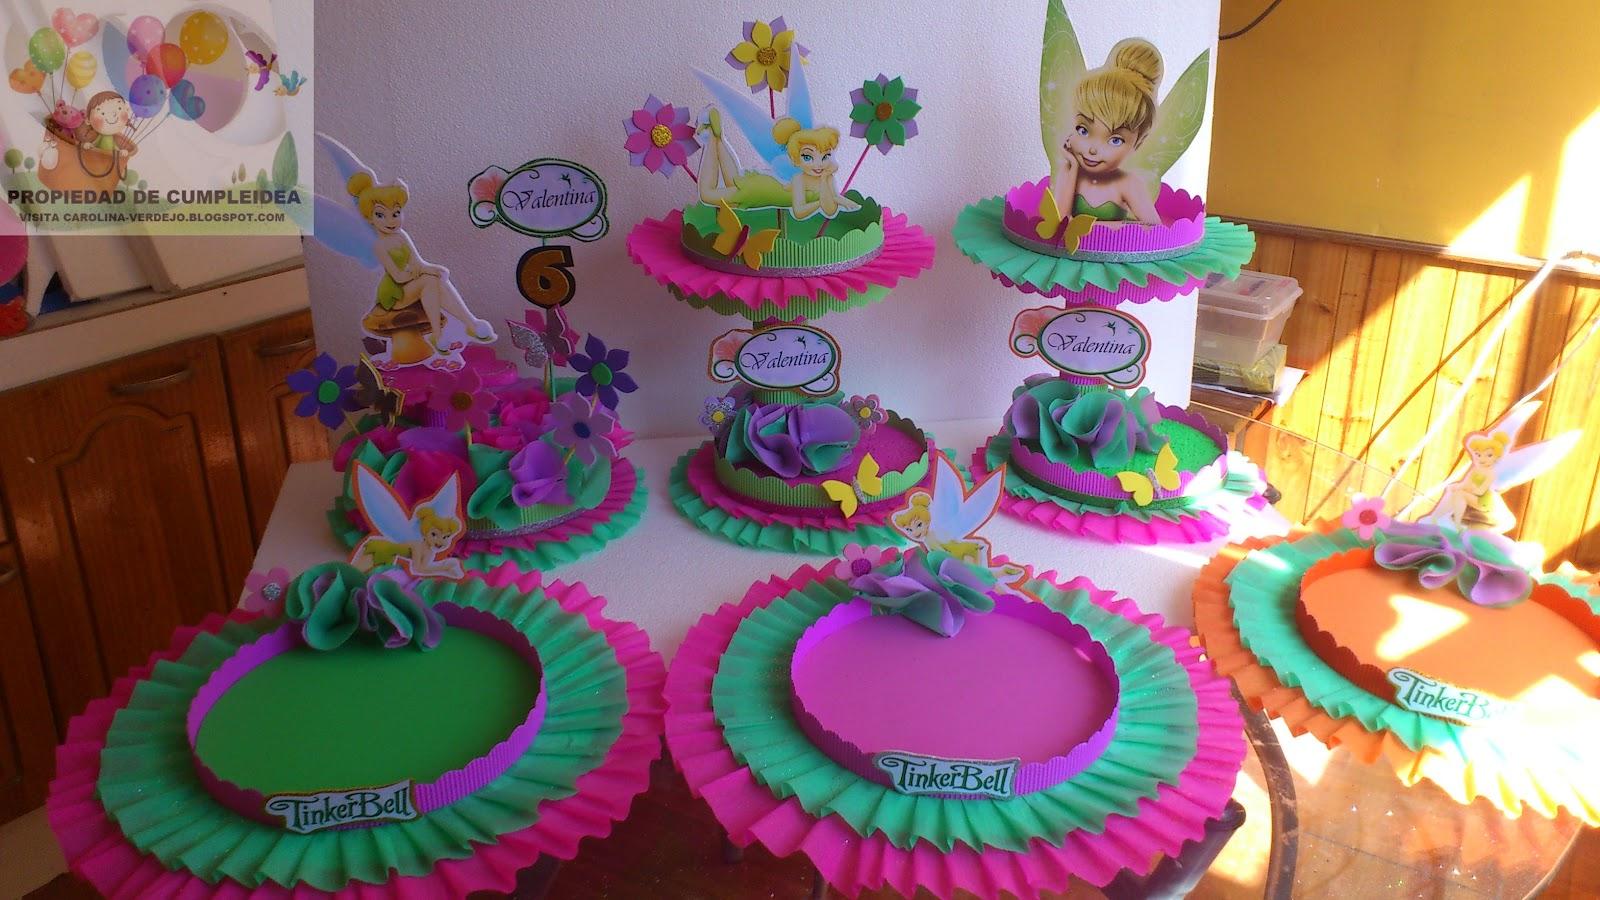 Centros de mesa tinkerbell parte 2 - Decoracion cumpleanos infantiles manualidades ...